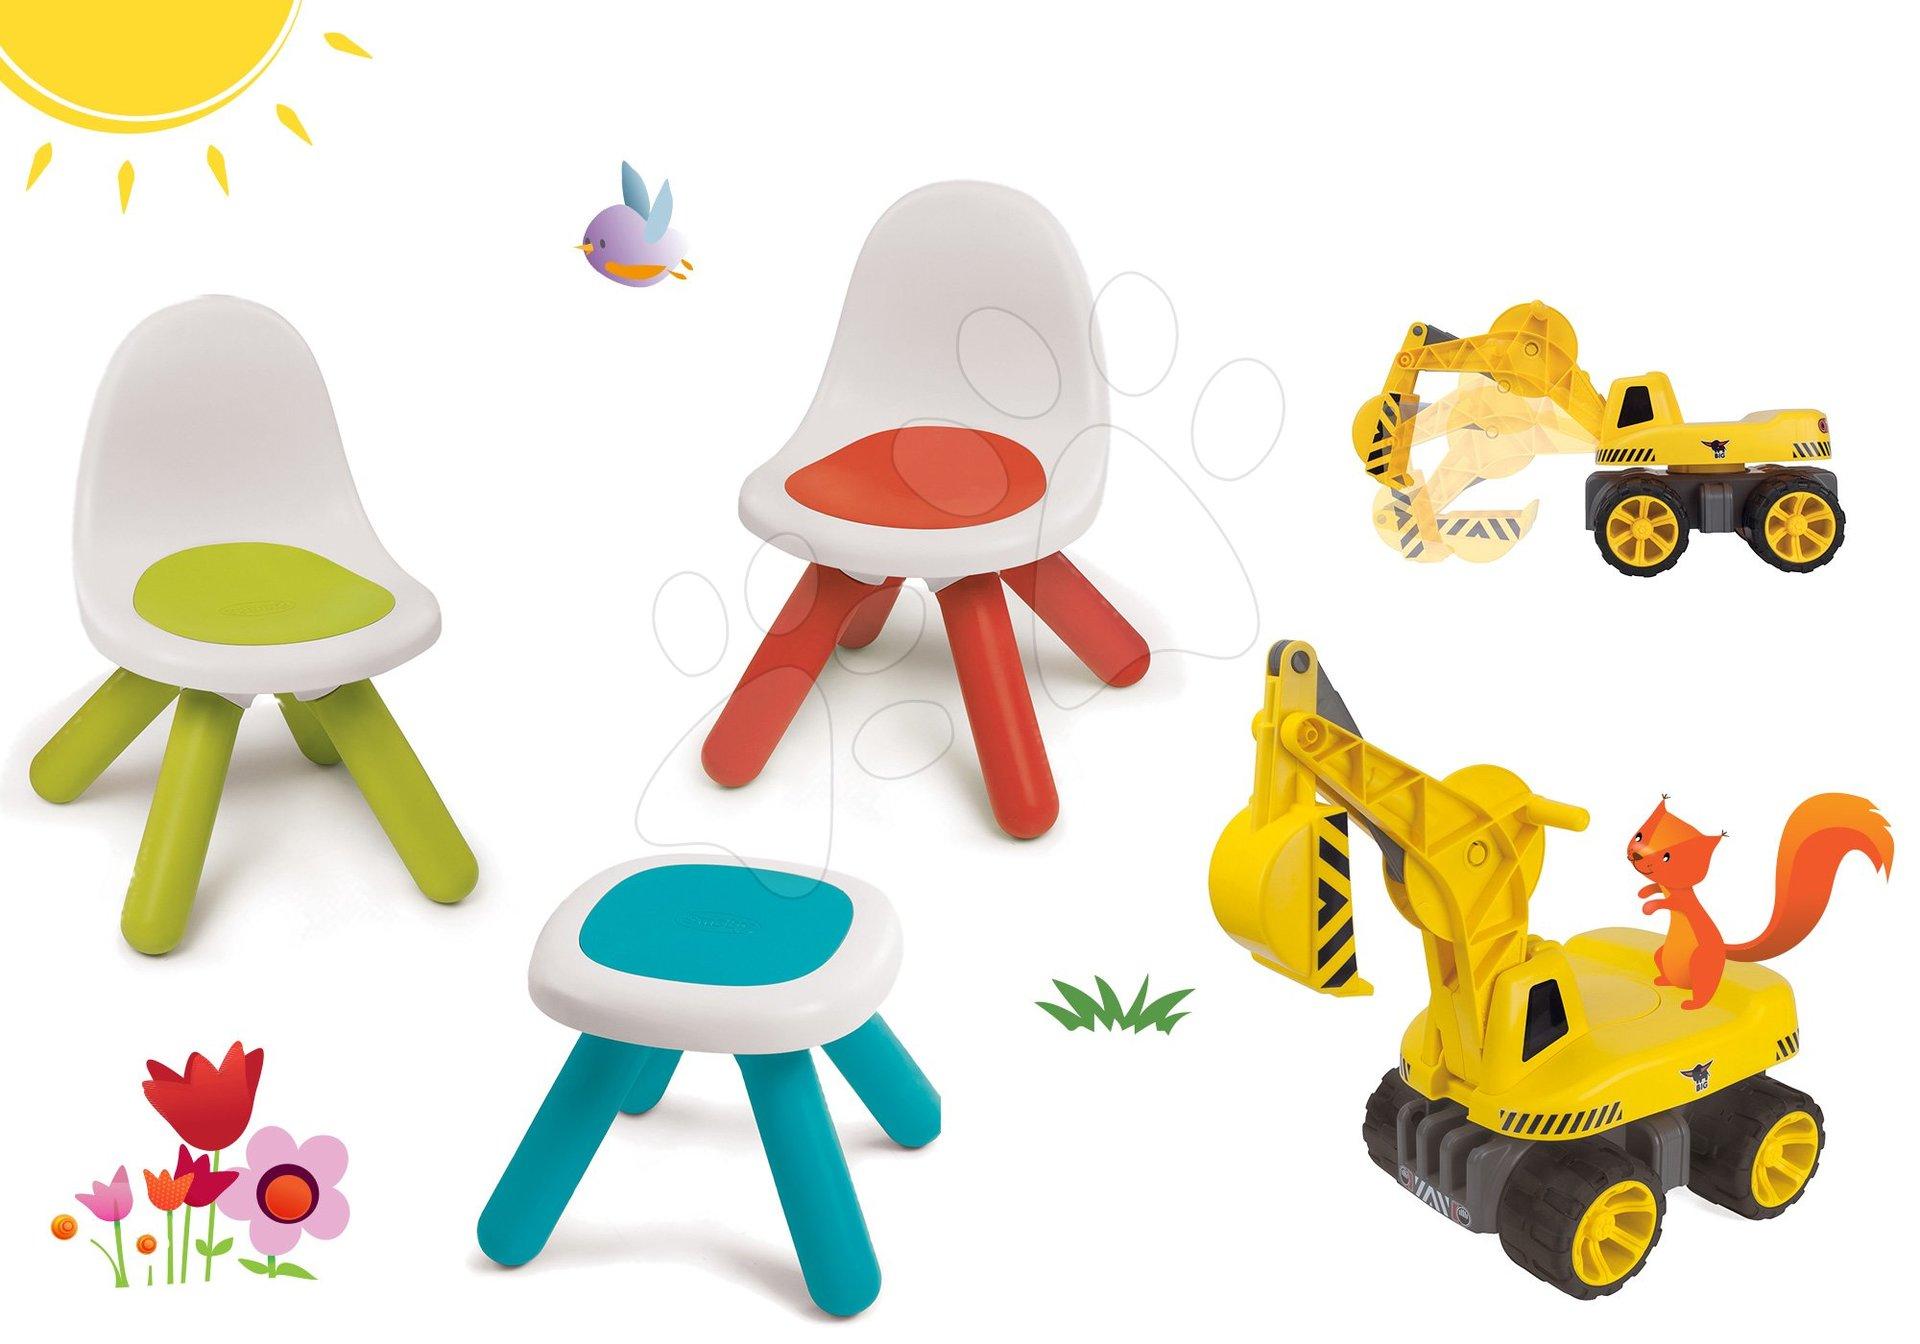 Smoby set dětský stůl Kidstool Smoby, 2 židle KidChair a bagr Maxi Power se sedadlem 880200A-15